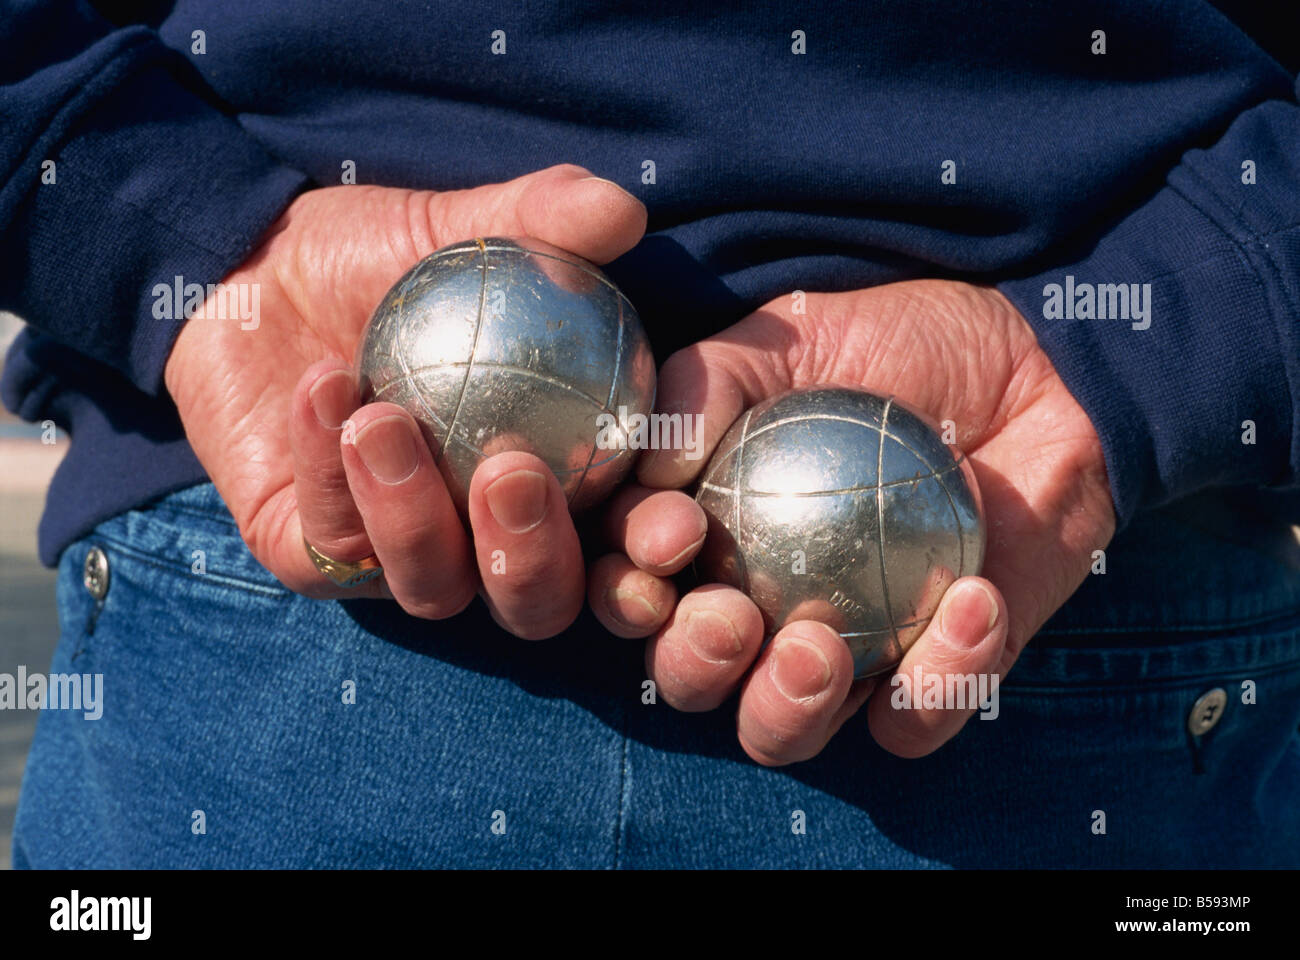 aa7d3157b7fdb Cerca de manos sosteniendo bolas de color plata utilizado en el juego de  petanca en Roussillon